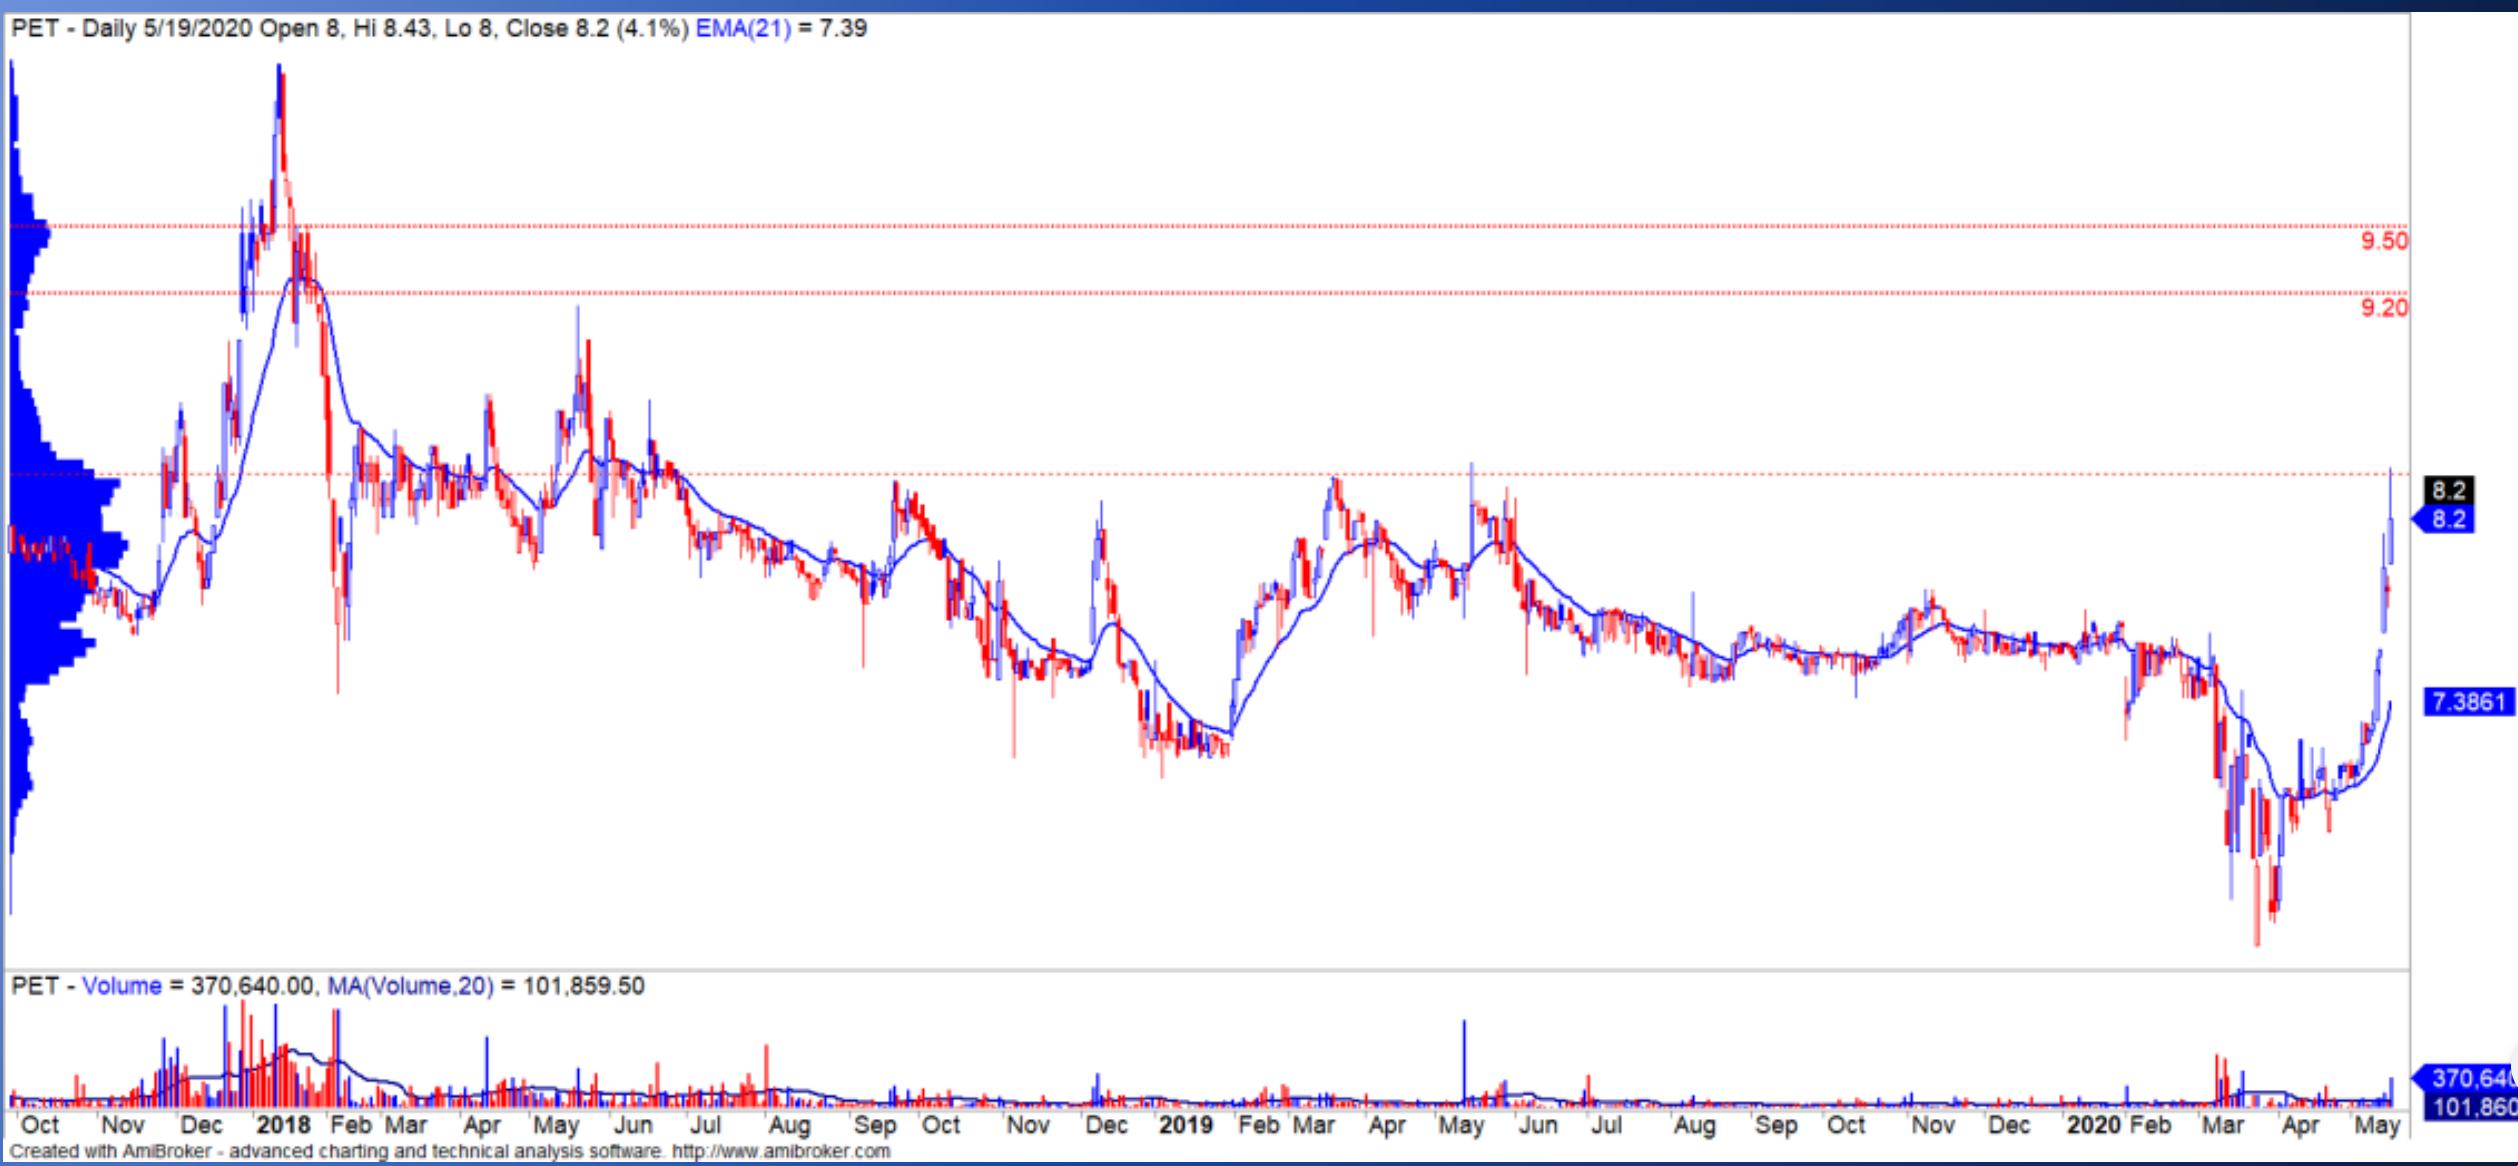 Cổ phiếu tâm điểm ngày 21/5: TCB, HPG, MWG, DXG, PET - Ảnh 5.